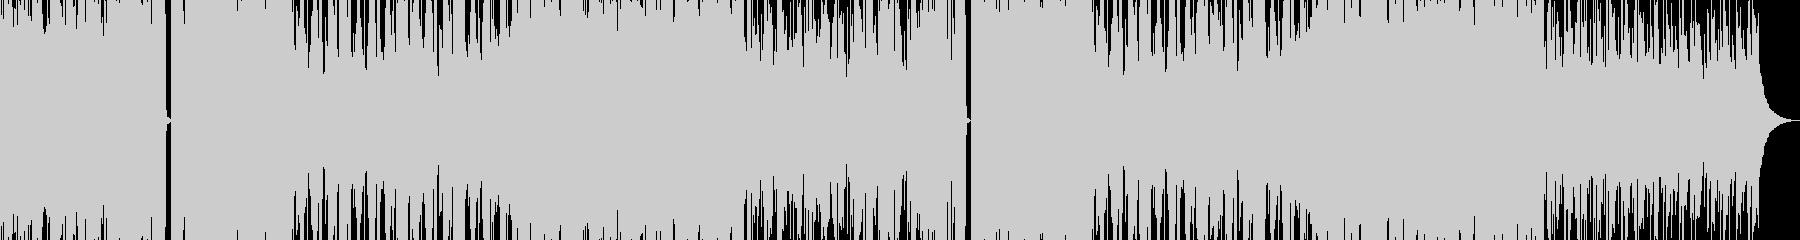 安らぎ、落ち着くLofi BGMの未再生の波形